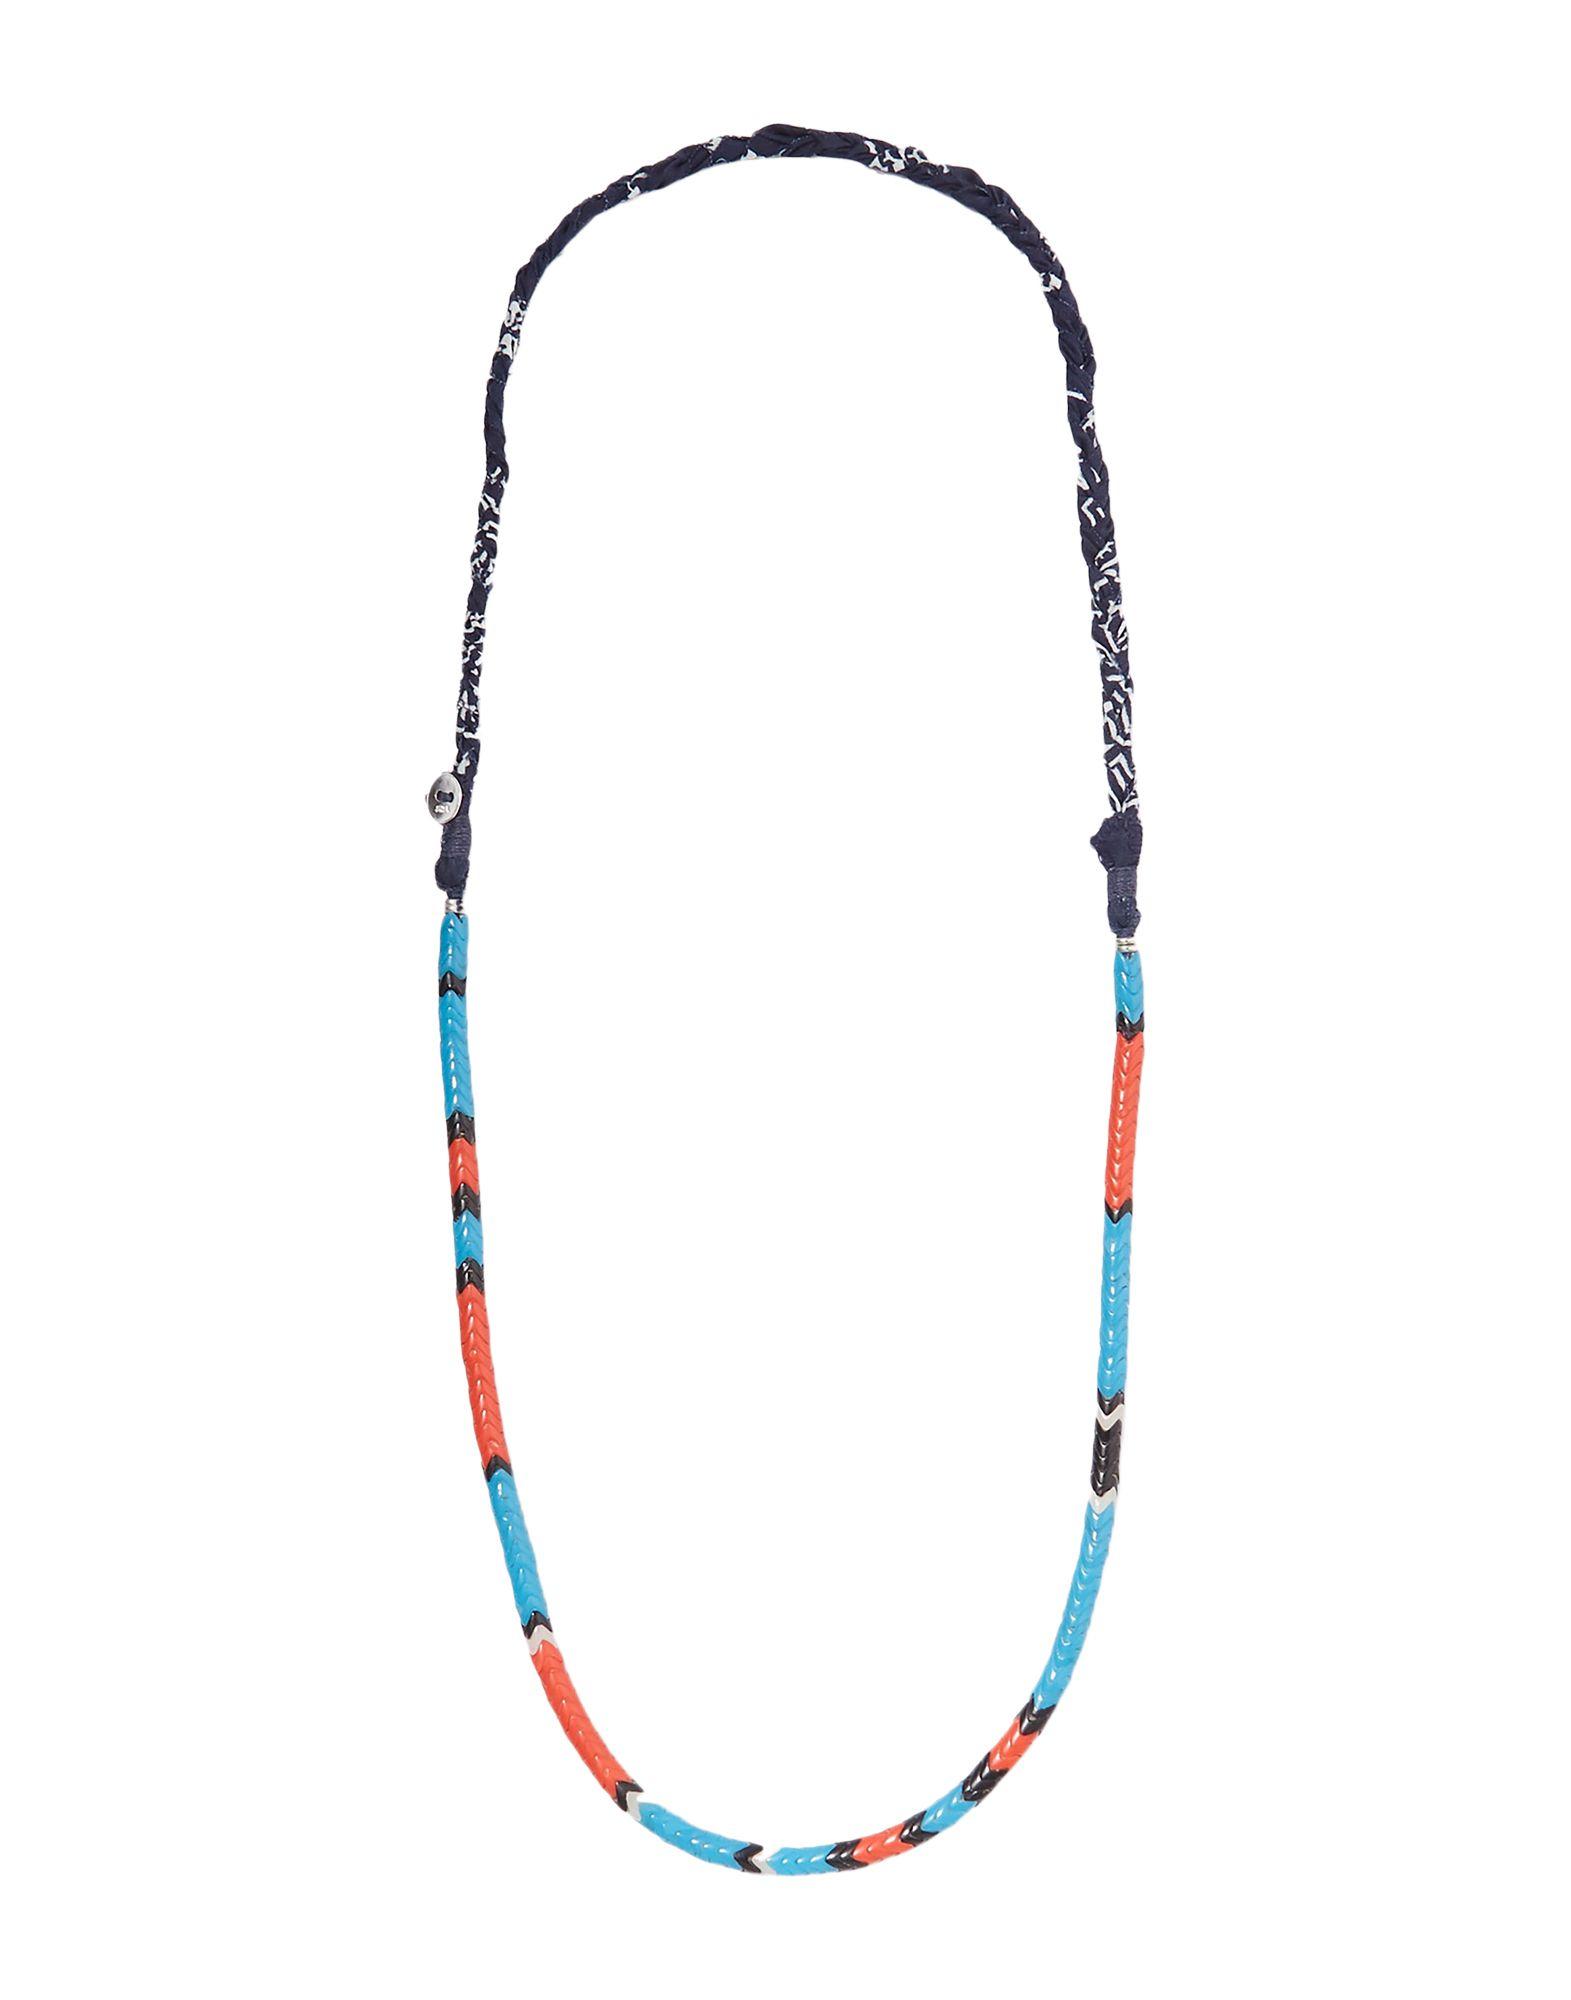 《セール開催中》MIKIA レディース ネックレス アジュールブルー 紡績繊維 / ガラス / 真鍮/ブラス